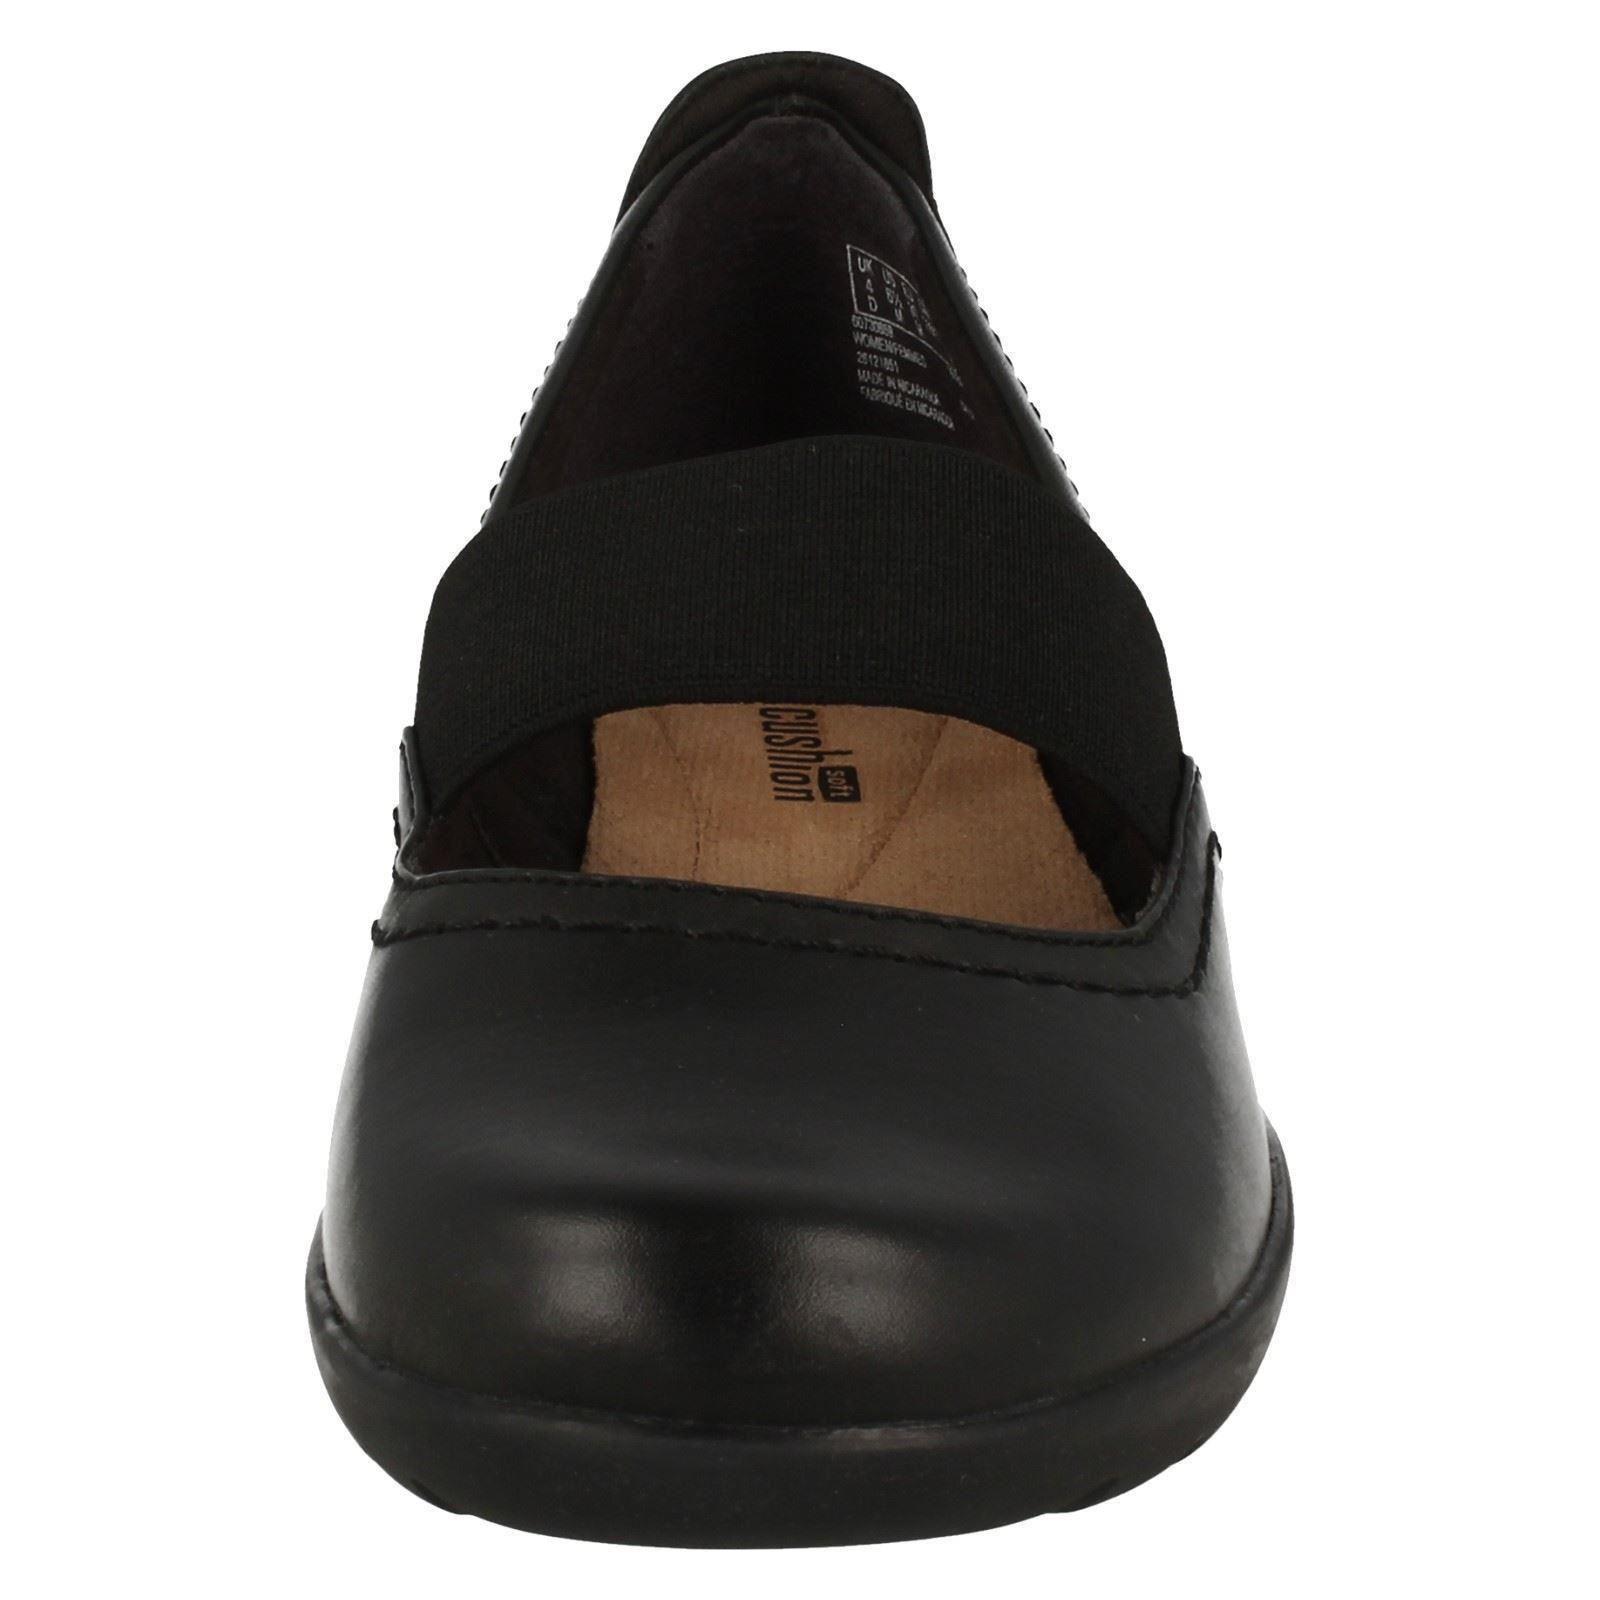 Sandali Donna Donna Sandali Clarks Piatte Casual Scarpe Stile-Medora alleato de1812